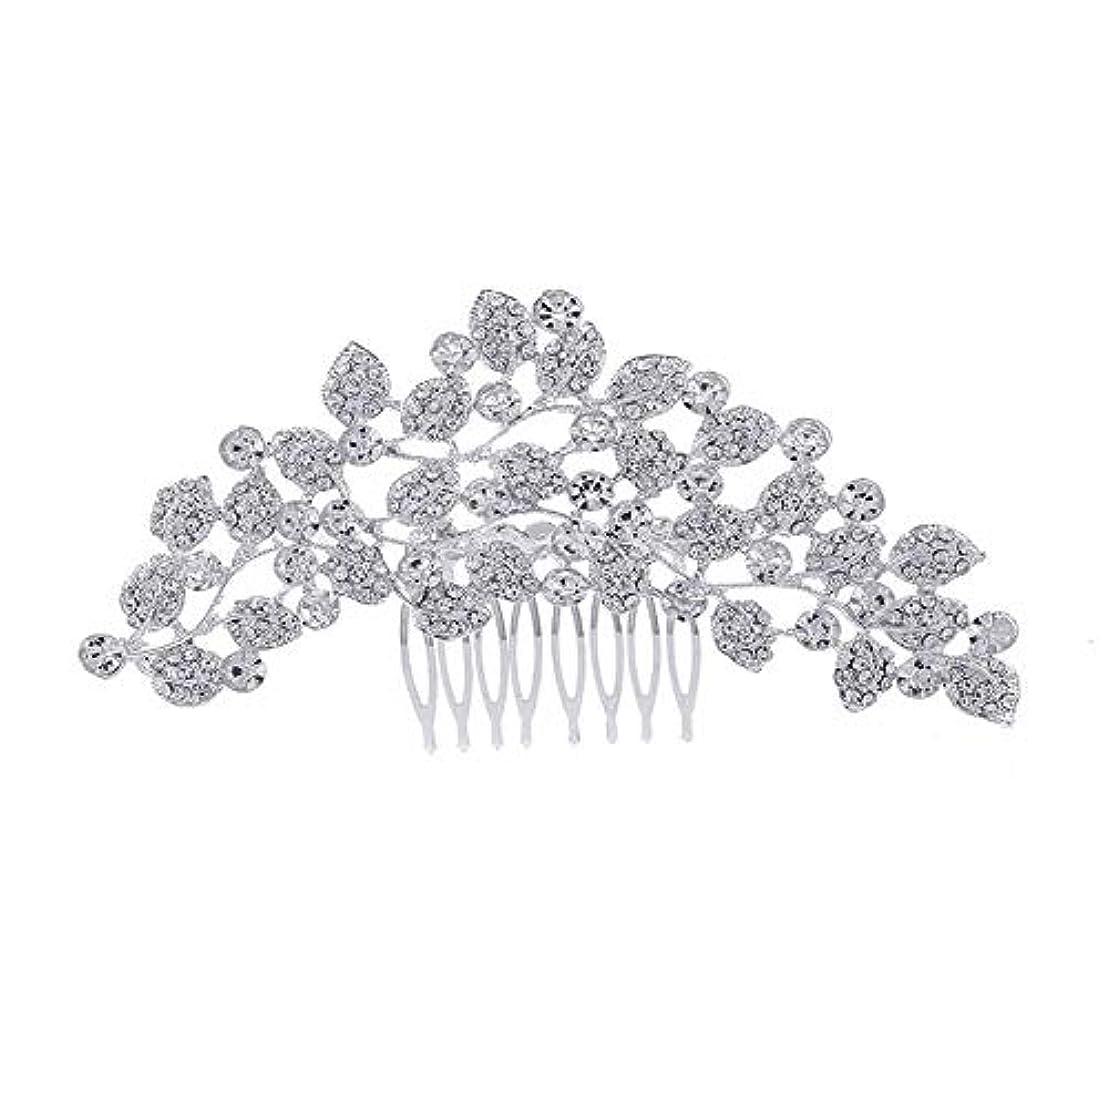 甘味飛ぶ部分的に髪の櫛、櫛、ブライダル髪、櫛、髪の櫛、ラインストーンの櫛、葉の髪の櫛、結婚式の髪の櫛